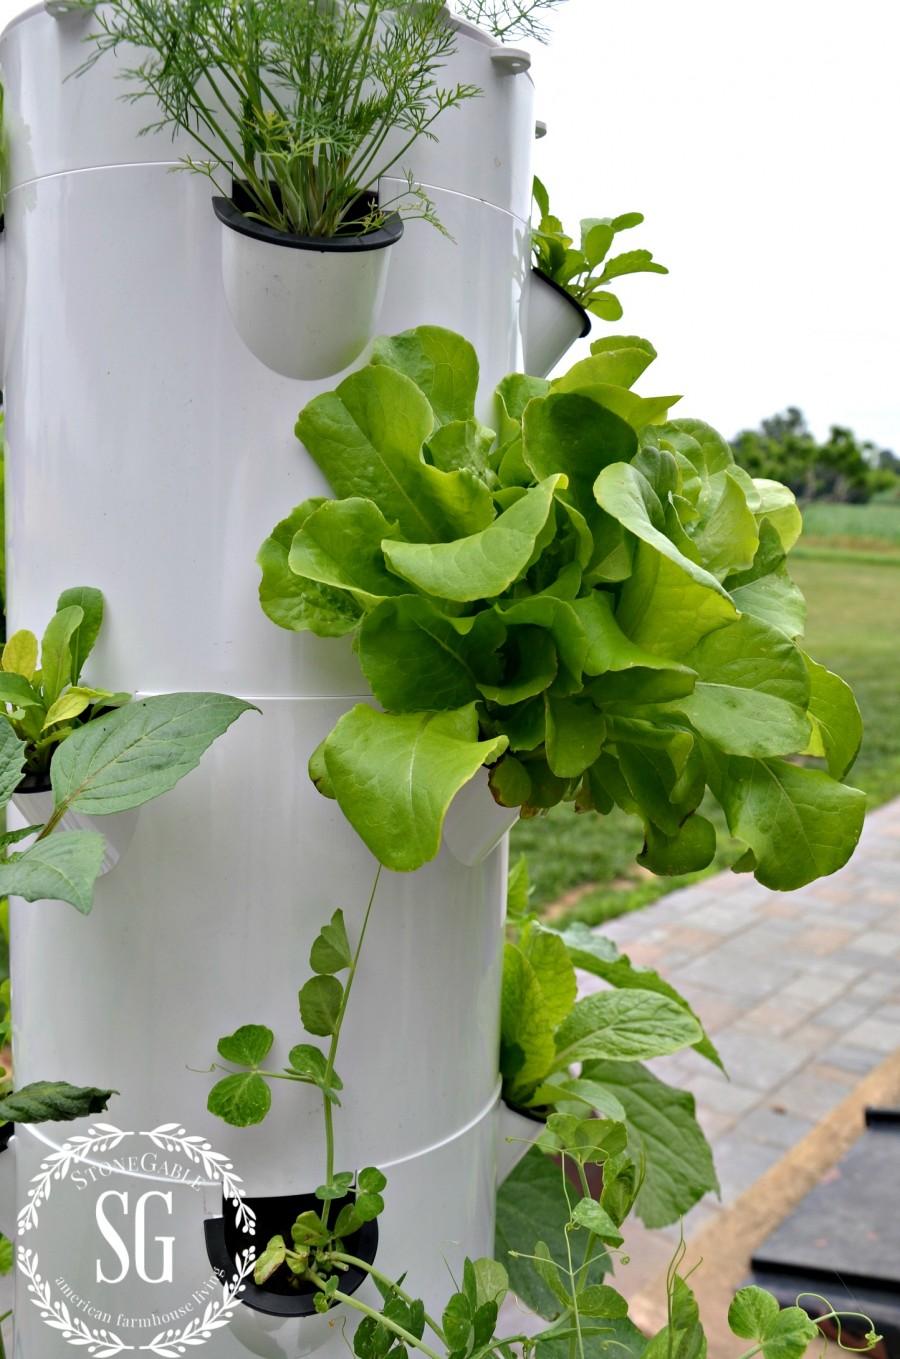 TOWER GARDEN-lettuce-stonegableblog.com